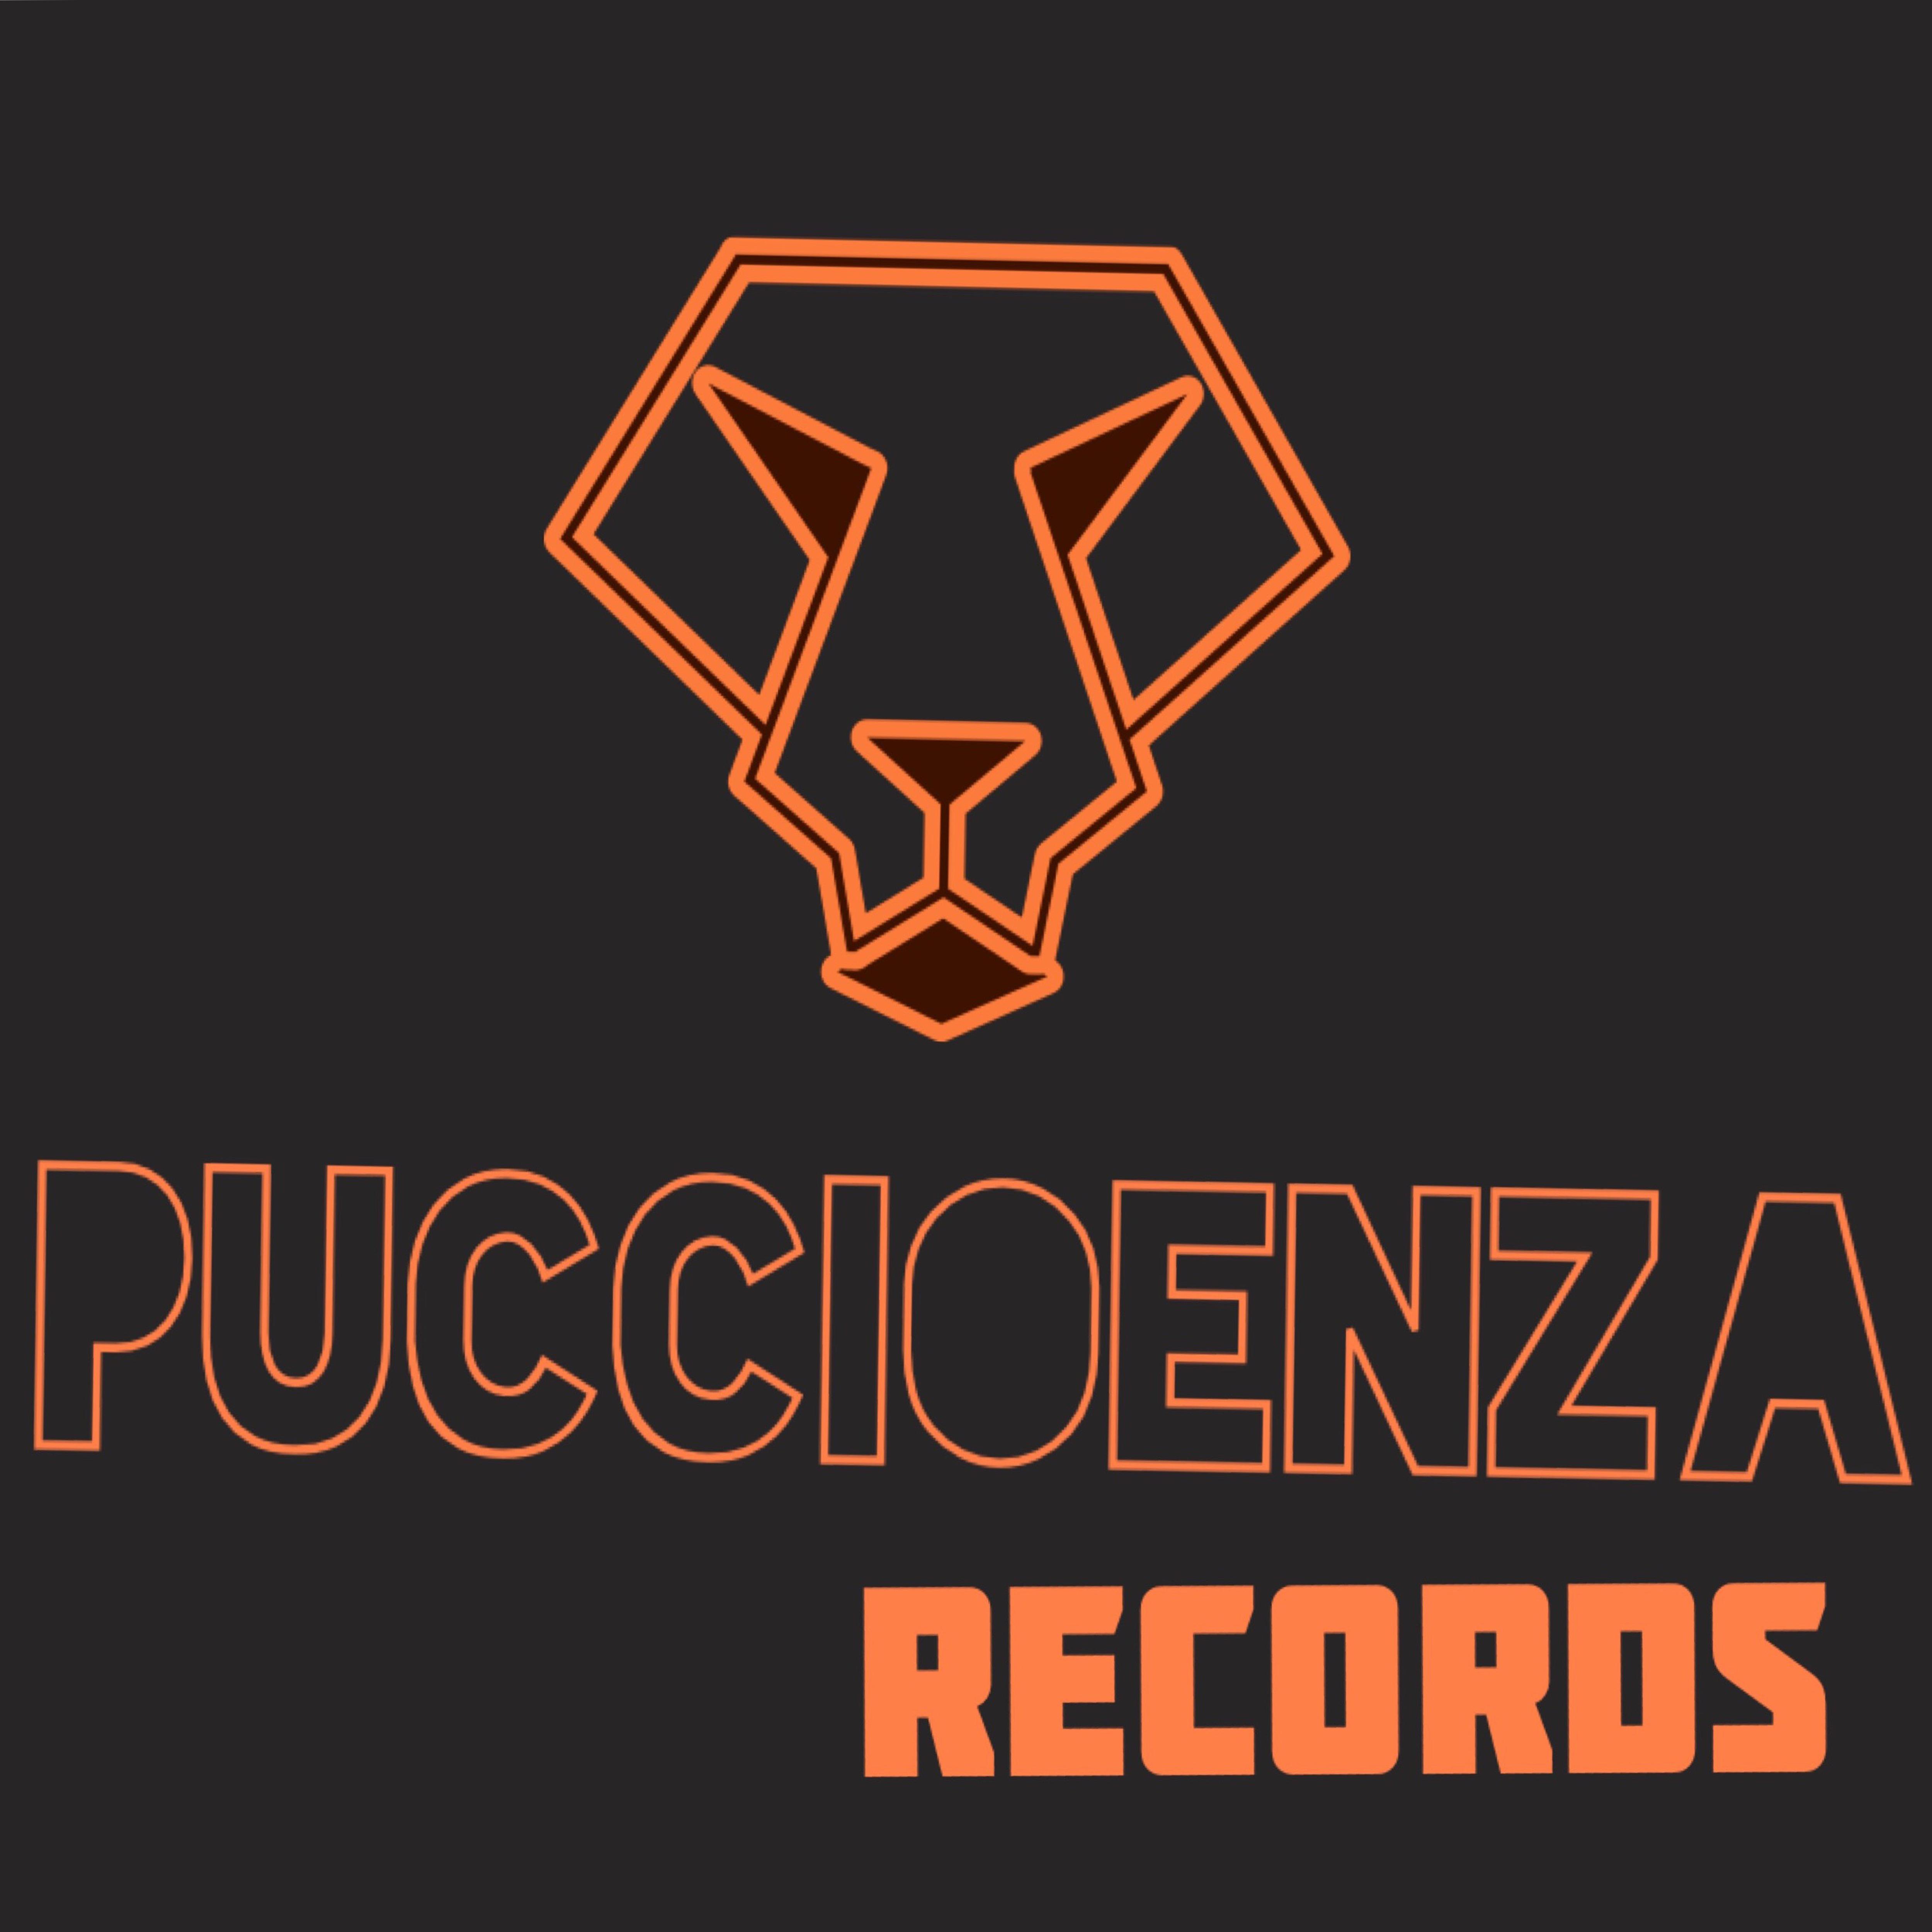 Puccioenza Records